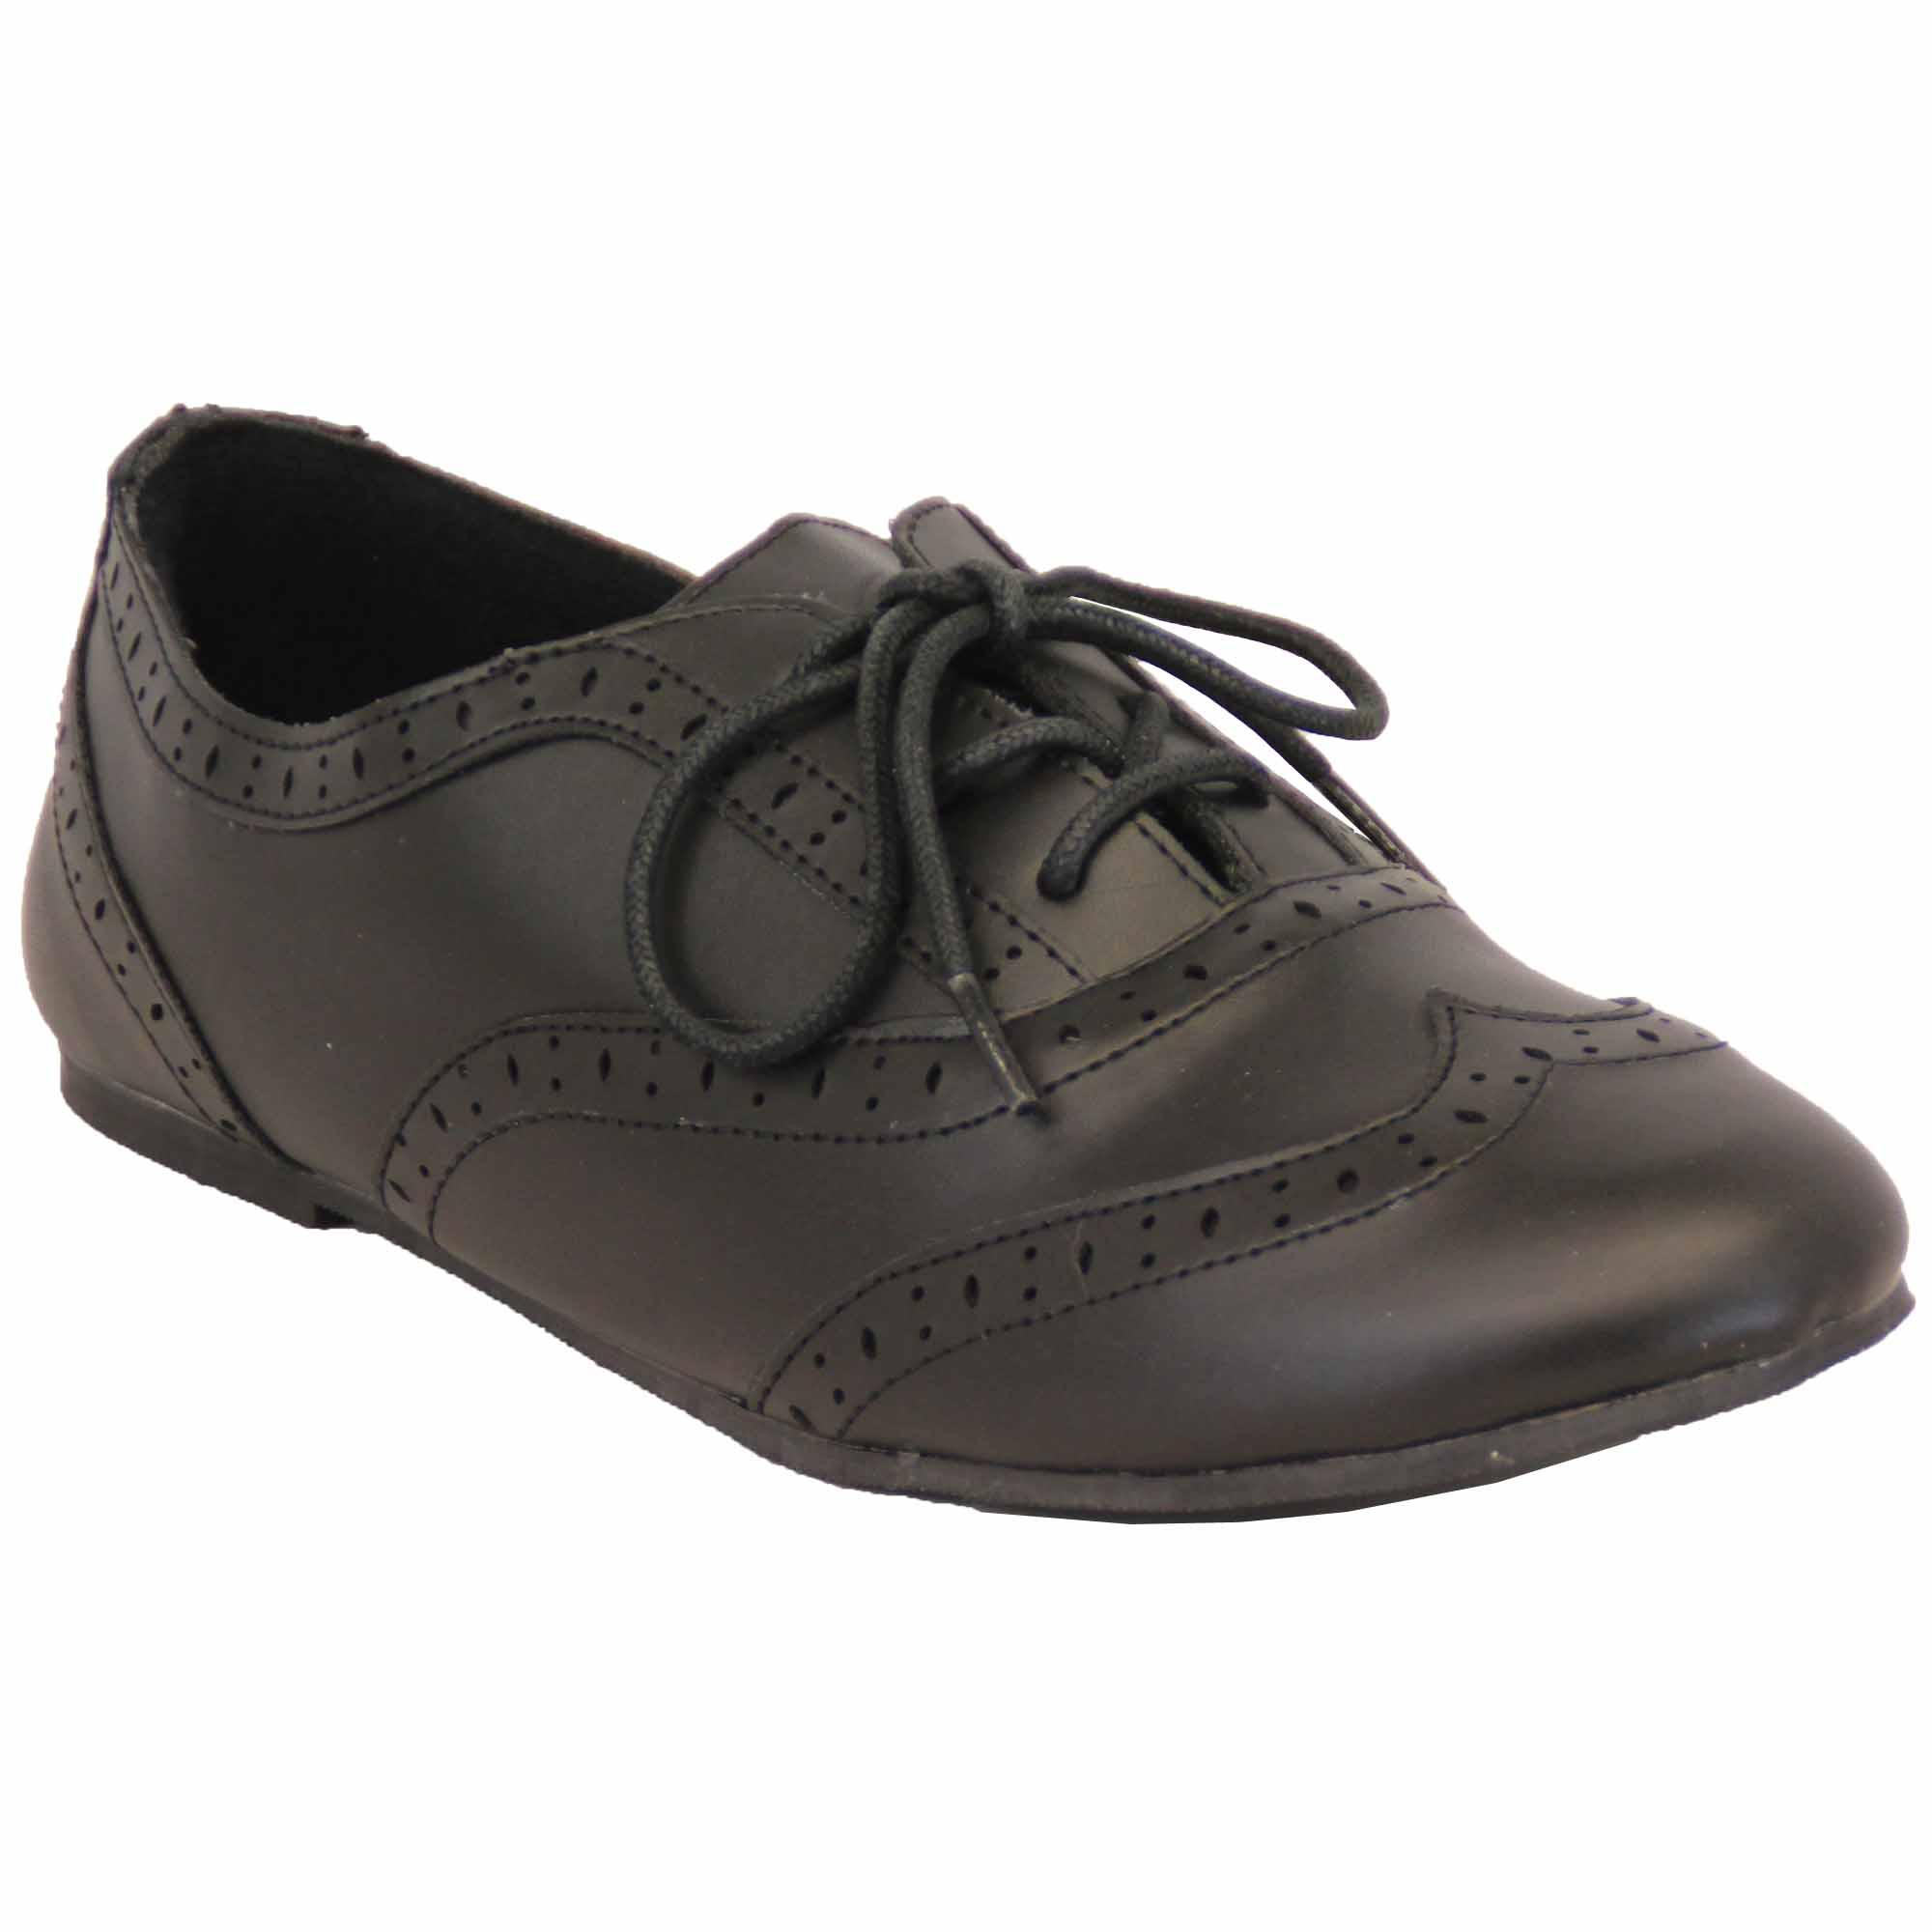 Mat Richelieu Cuir Fille Chaussures École Enfants Allure Mariage pwvES1Fq